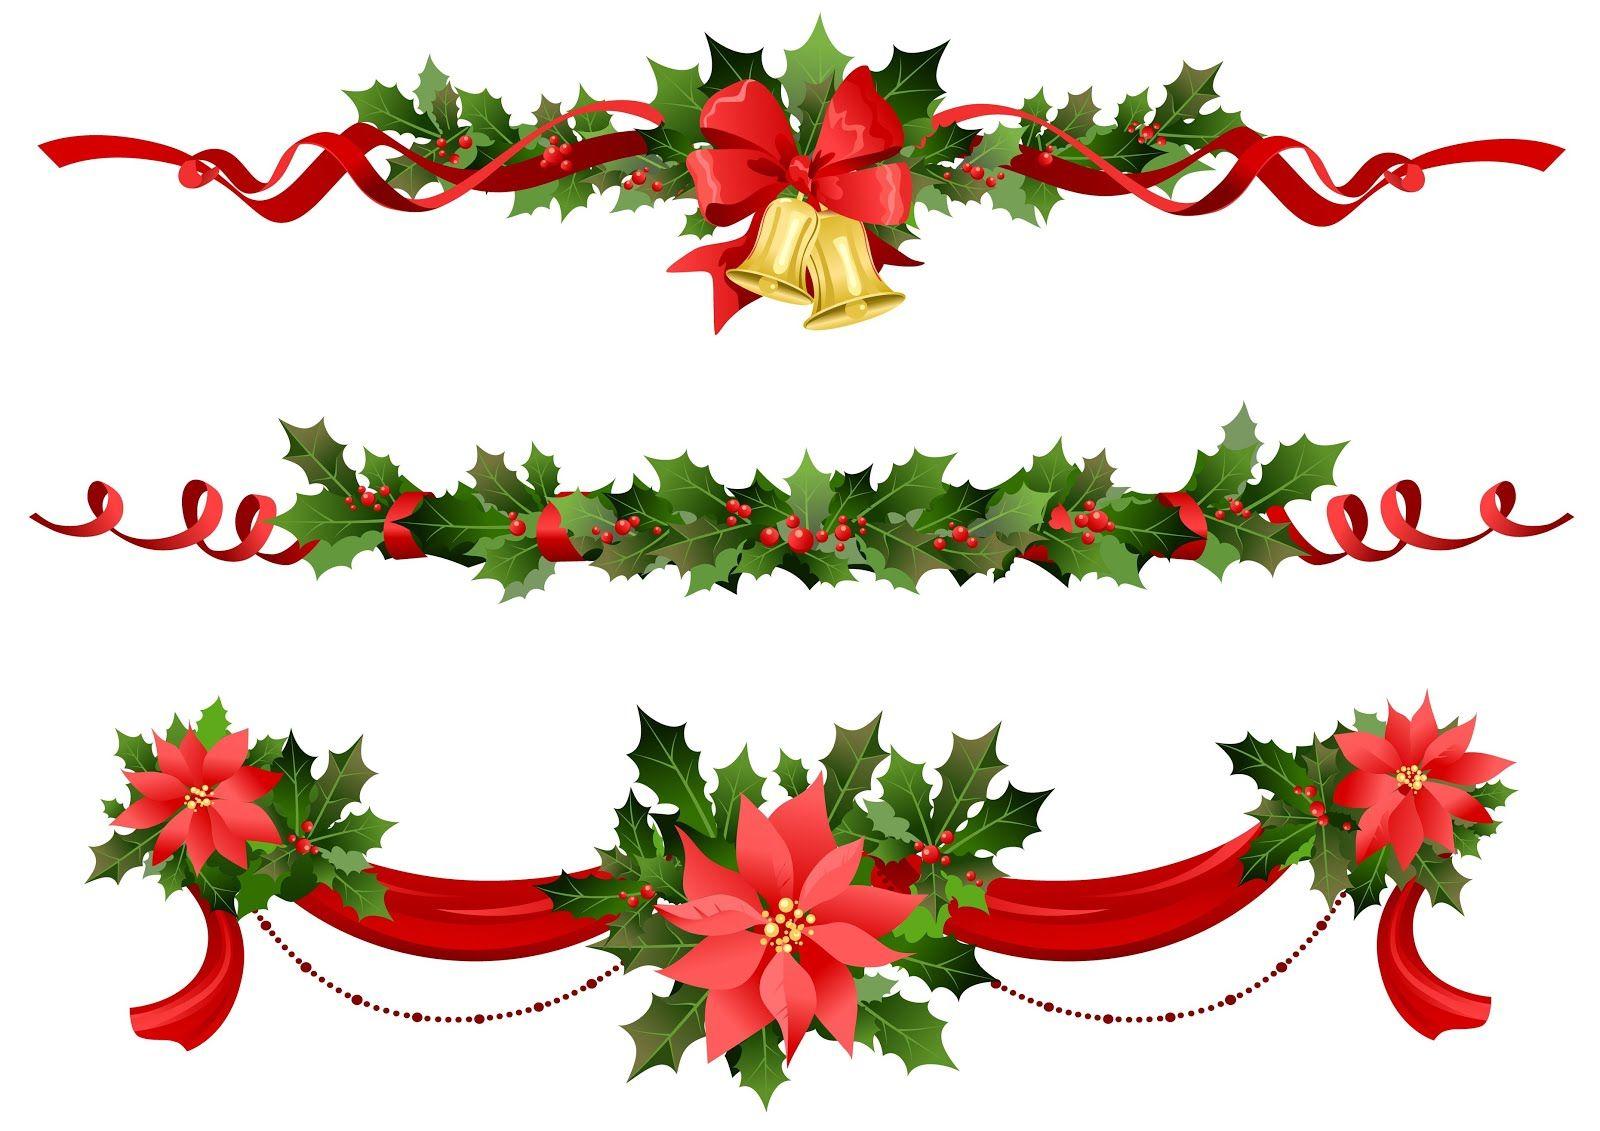 banco de imagenes adornos como guirnaldas o nochebuenas para decorar tarjetas o postales de navidad - Guirnaldas De Navidad